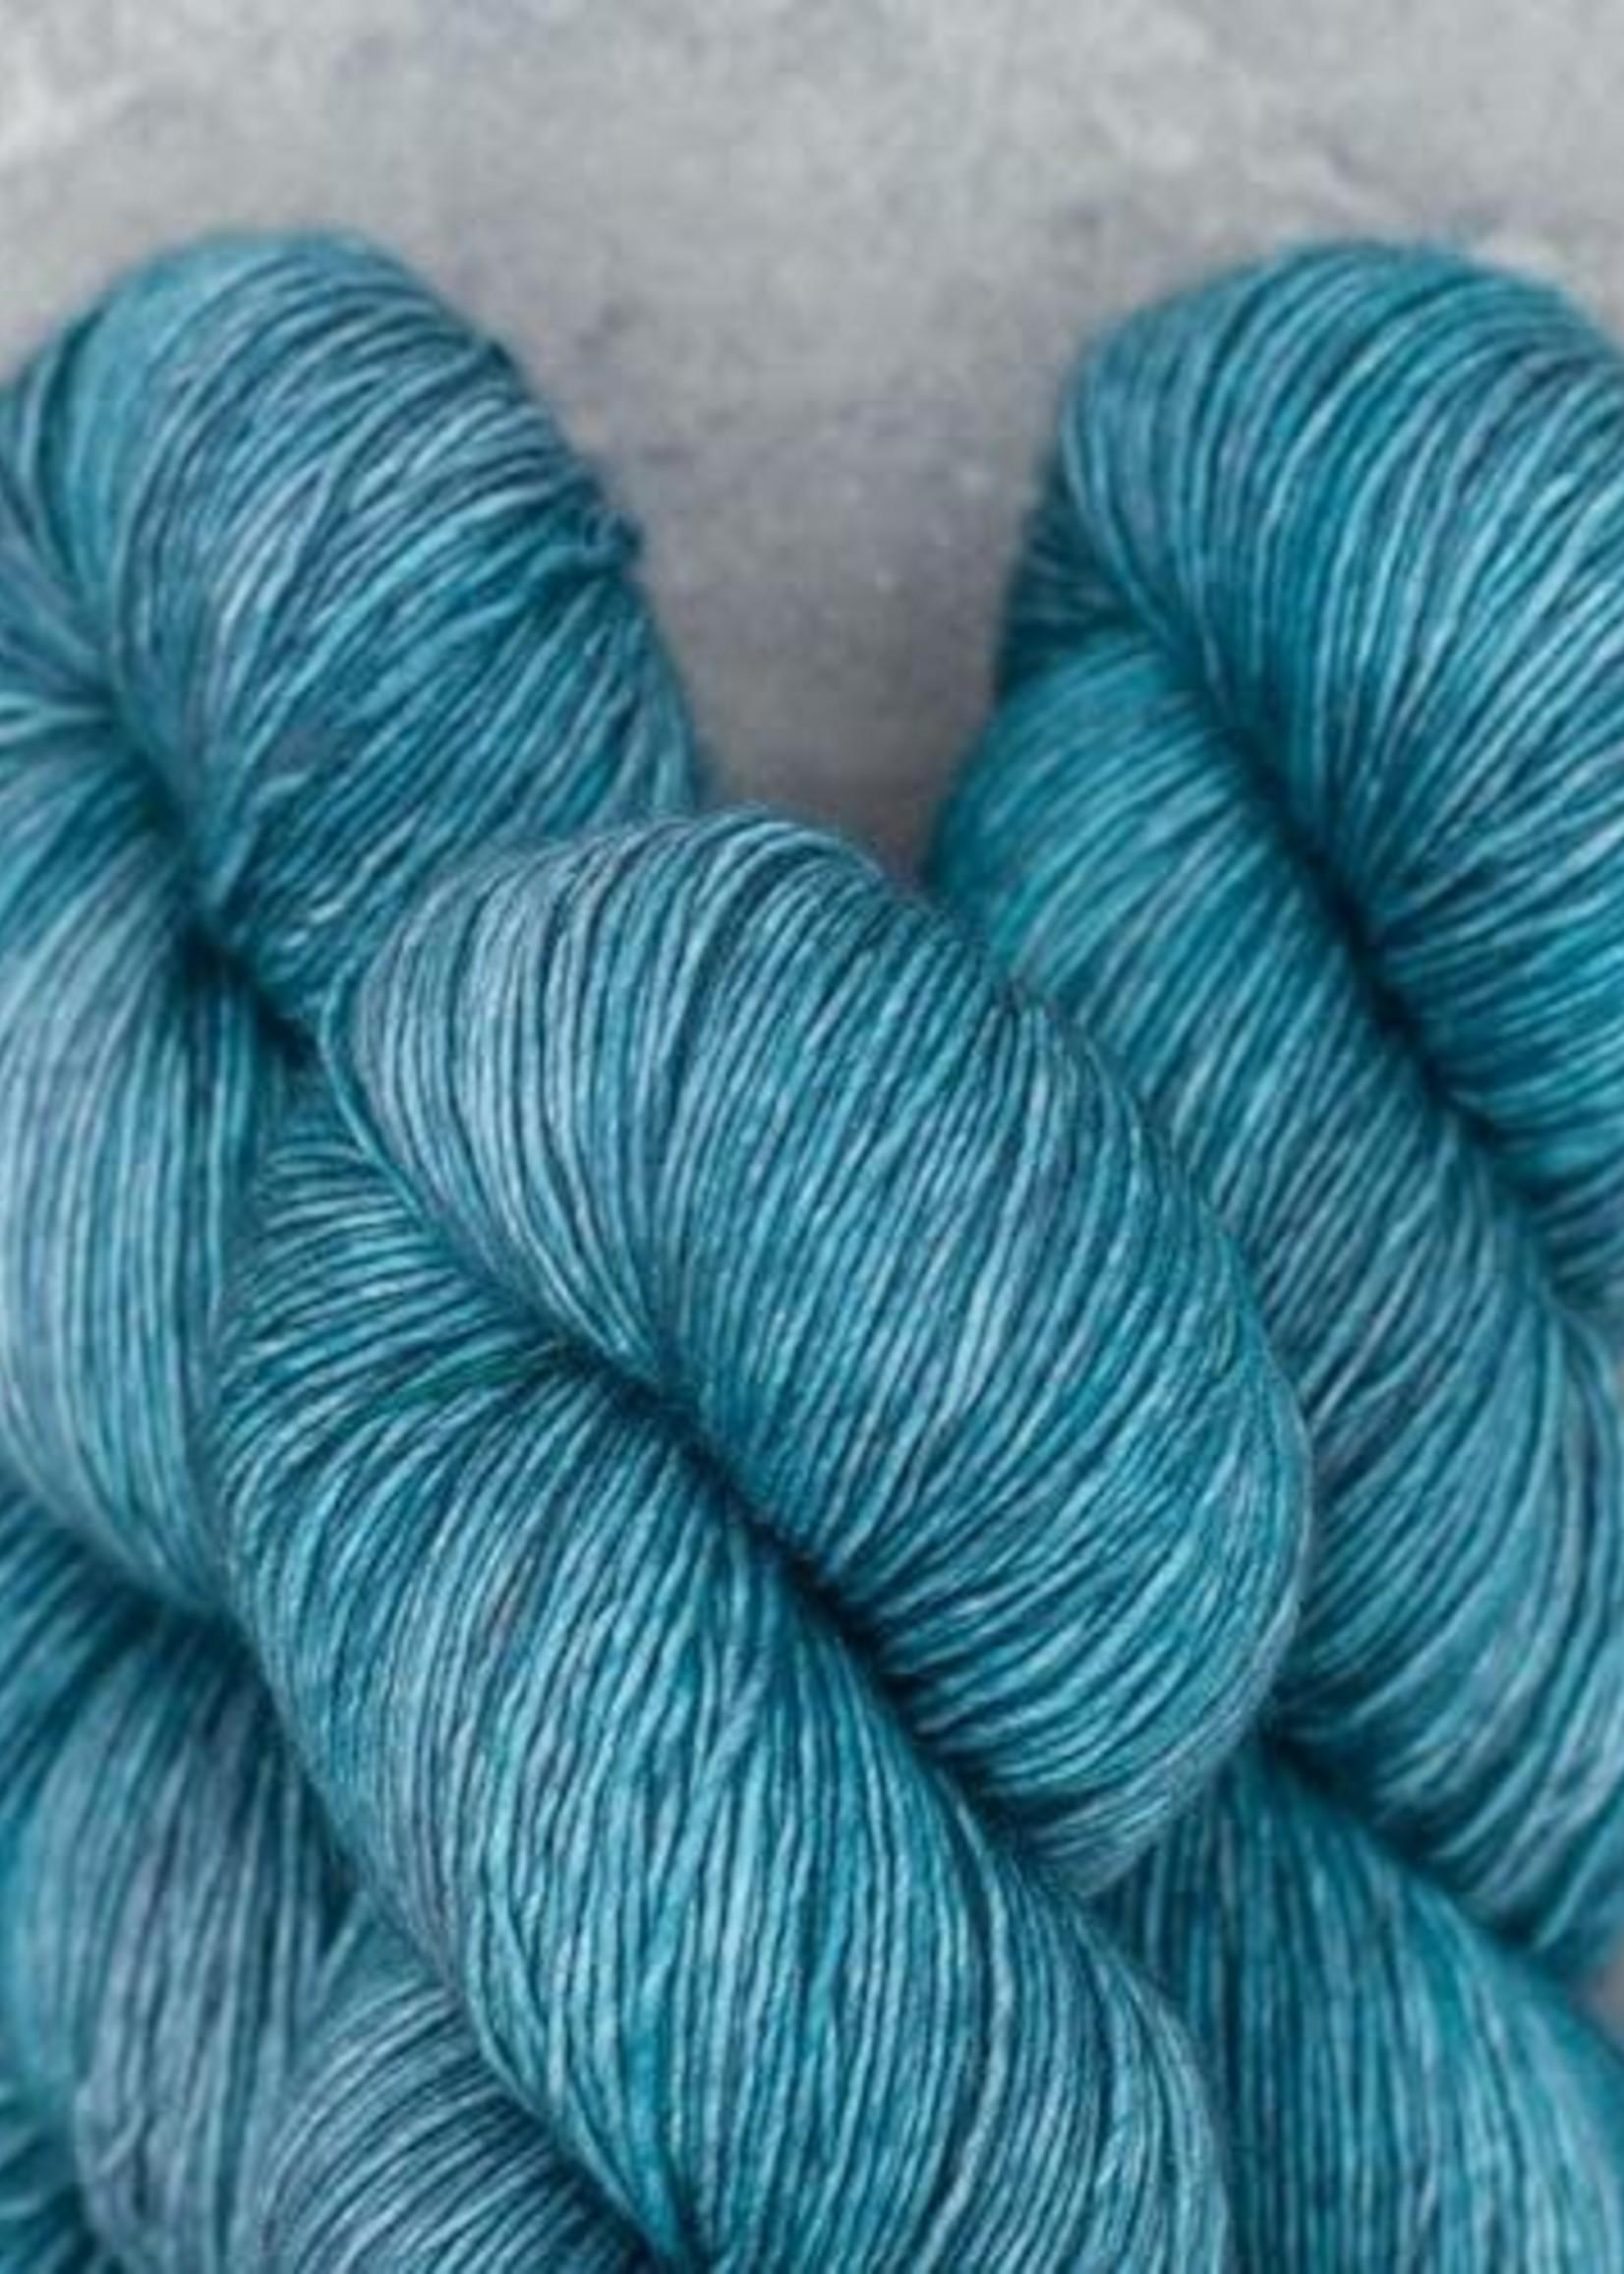 Madelinetosh Madelinetosh Vintage Yarn Undergrowth